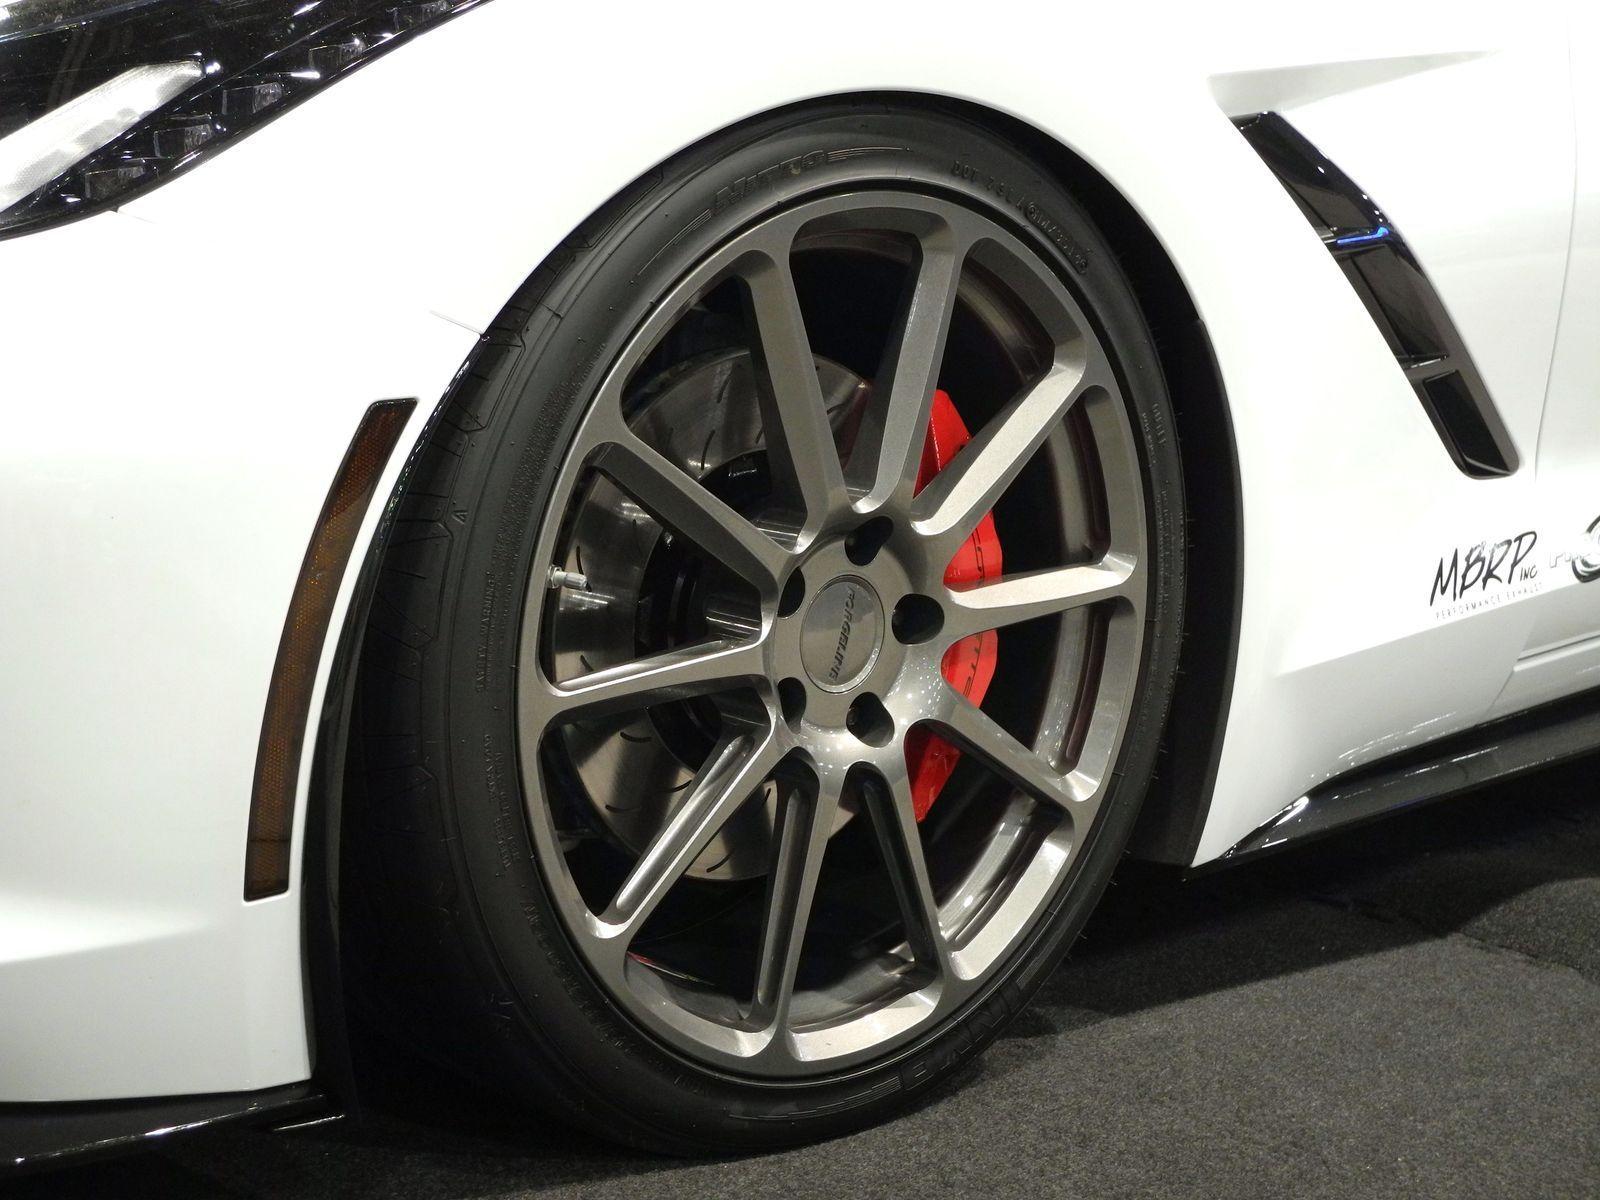 2014 Chevrolet Corvette Stingray | MBRP C7 Corvette on Forgeline RB1 Wheels